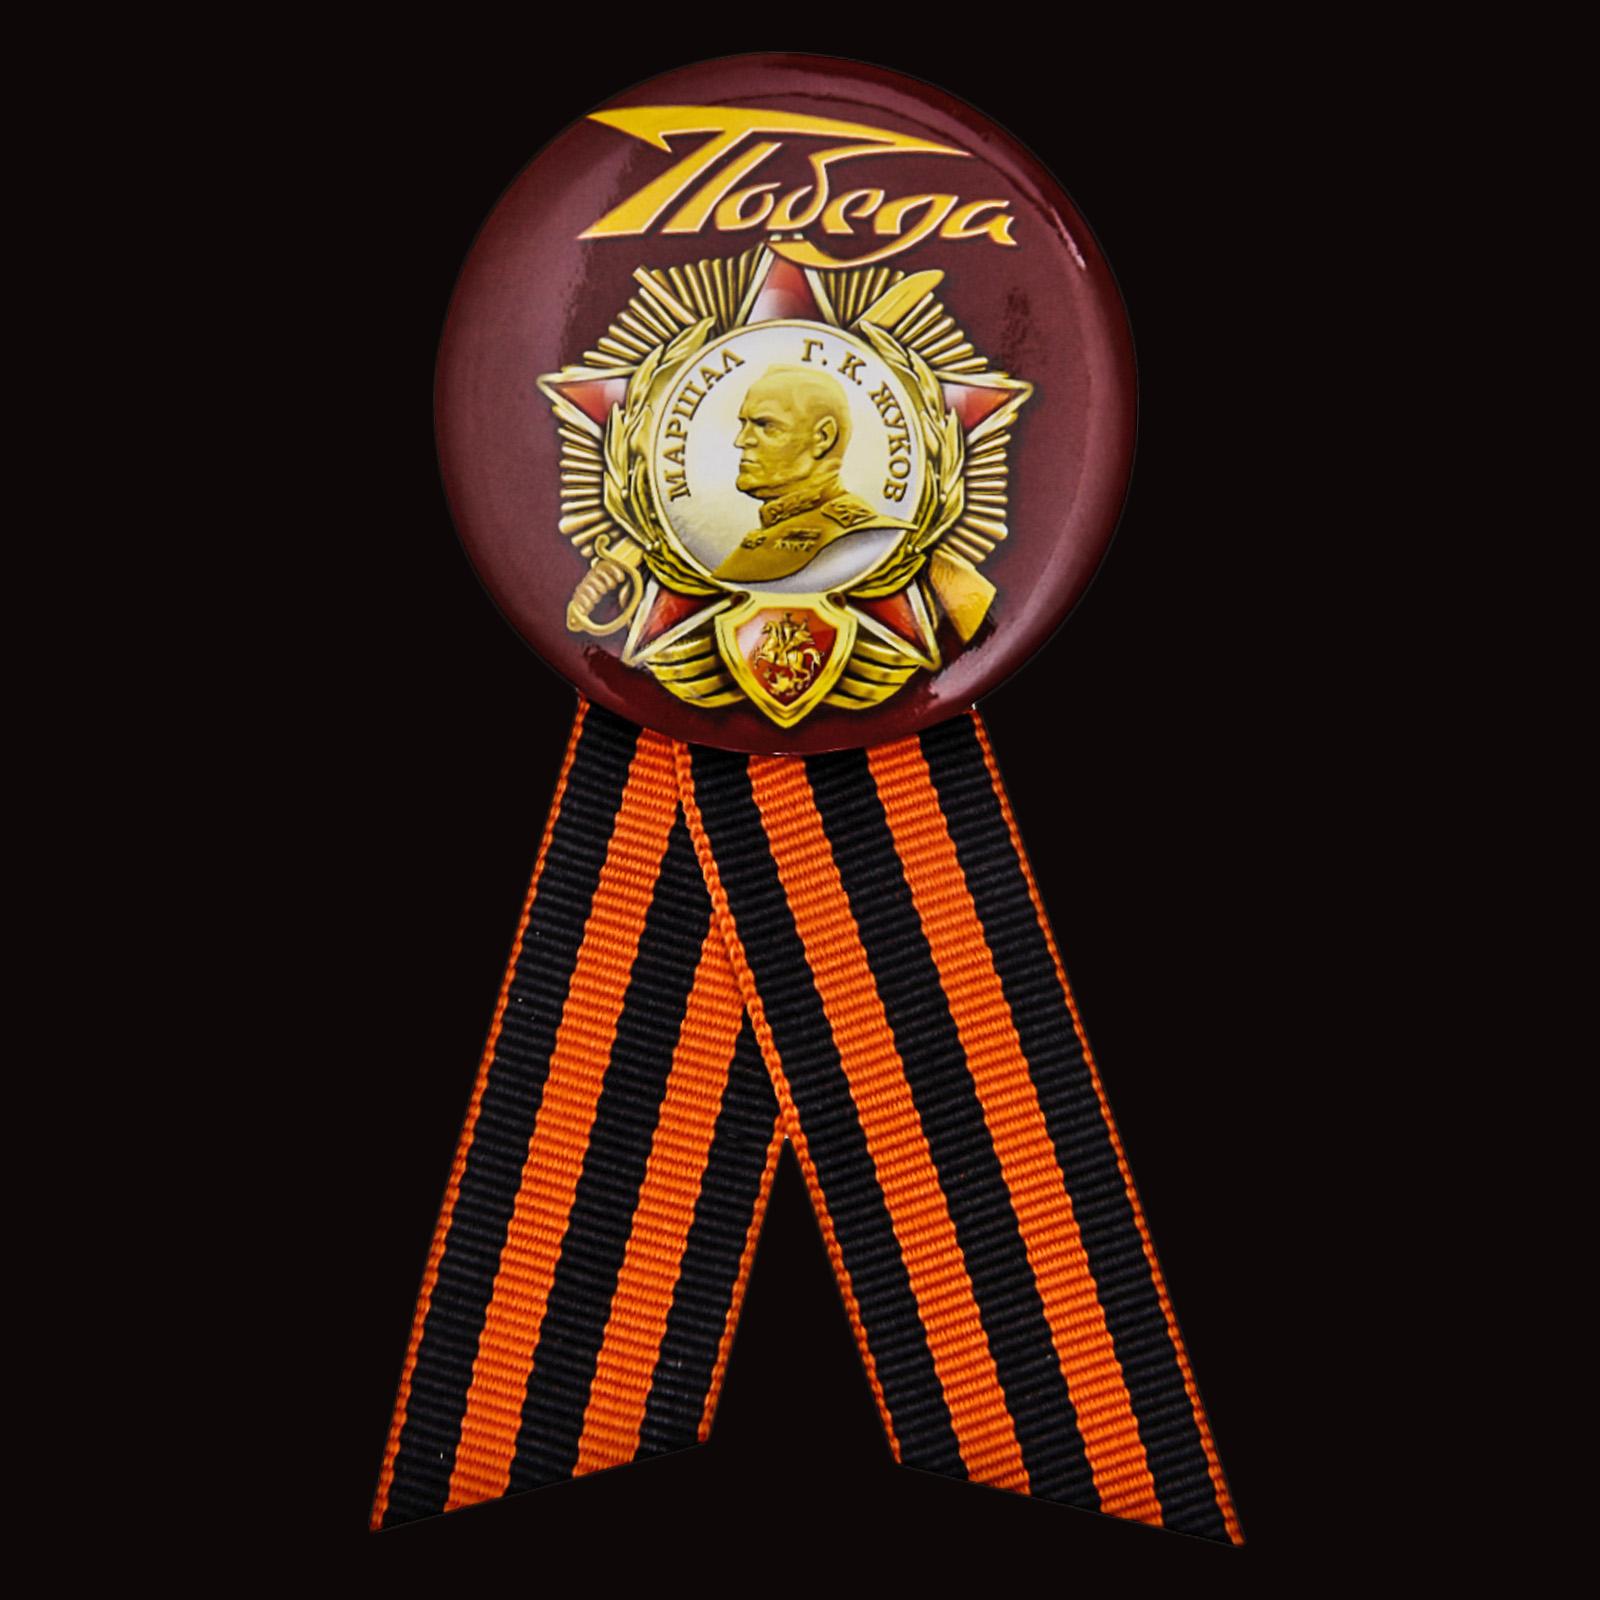 Юбилейный значок «Победа!» с маршалом Жуковым от Военпро